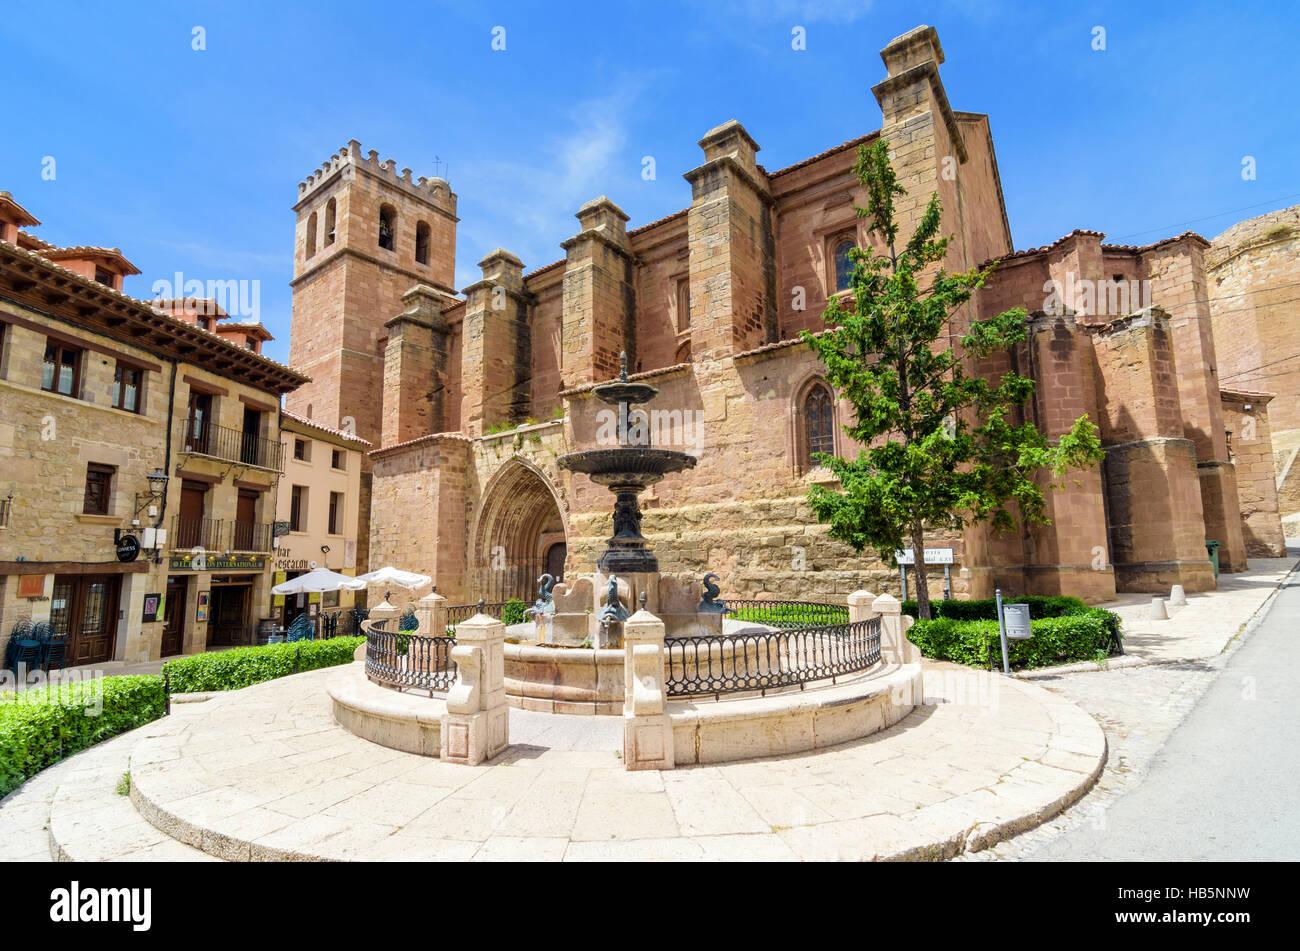 Gothic Colegiata de Santa María, Plaza de la Iglesia, Mora de Rubielos, Aragon, Spain - Stock Image